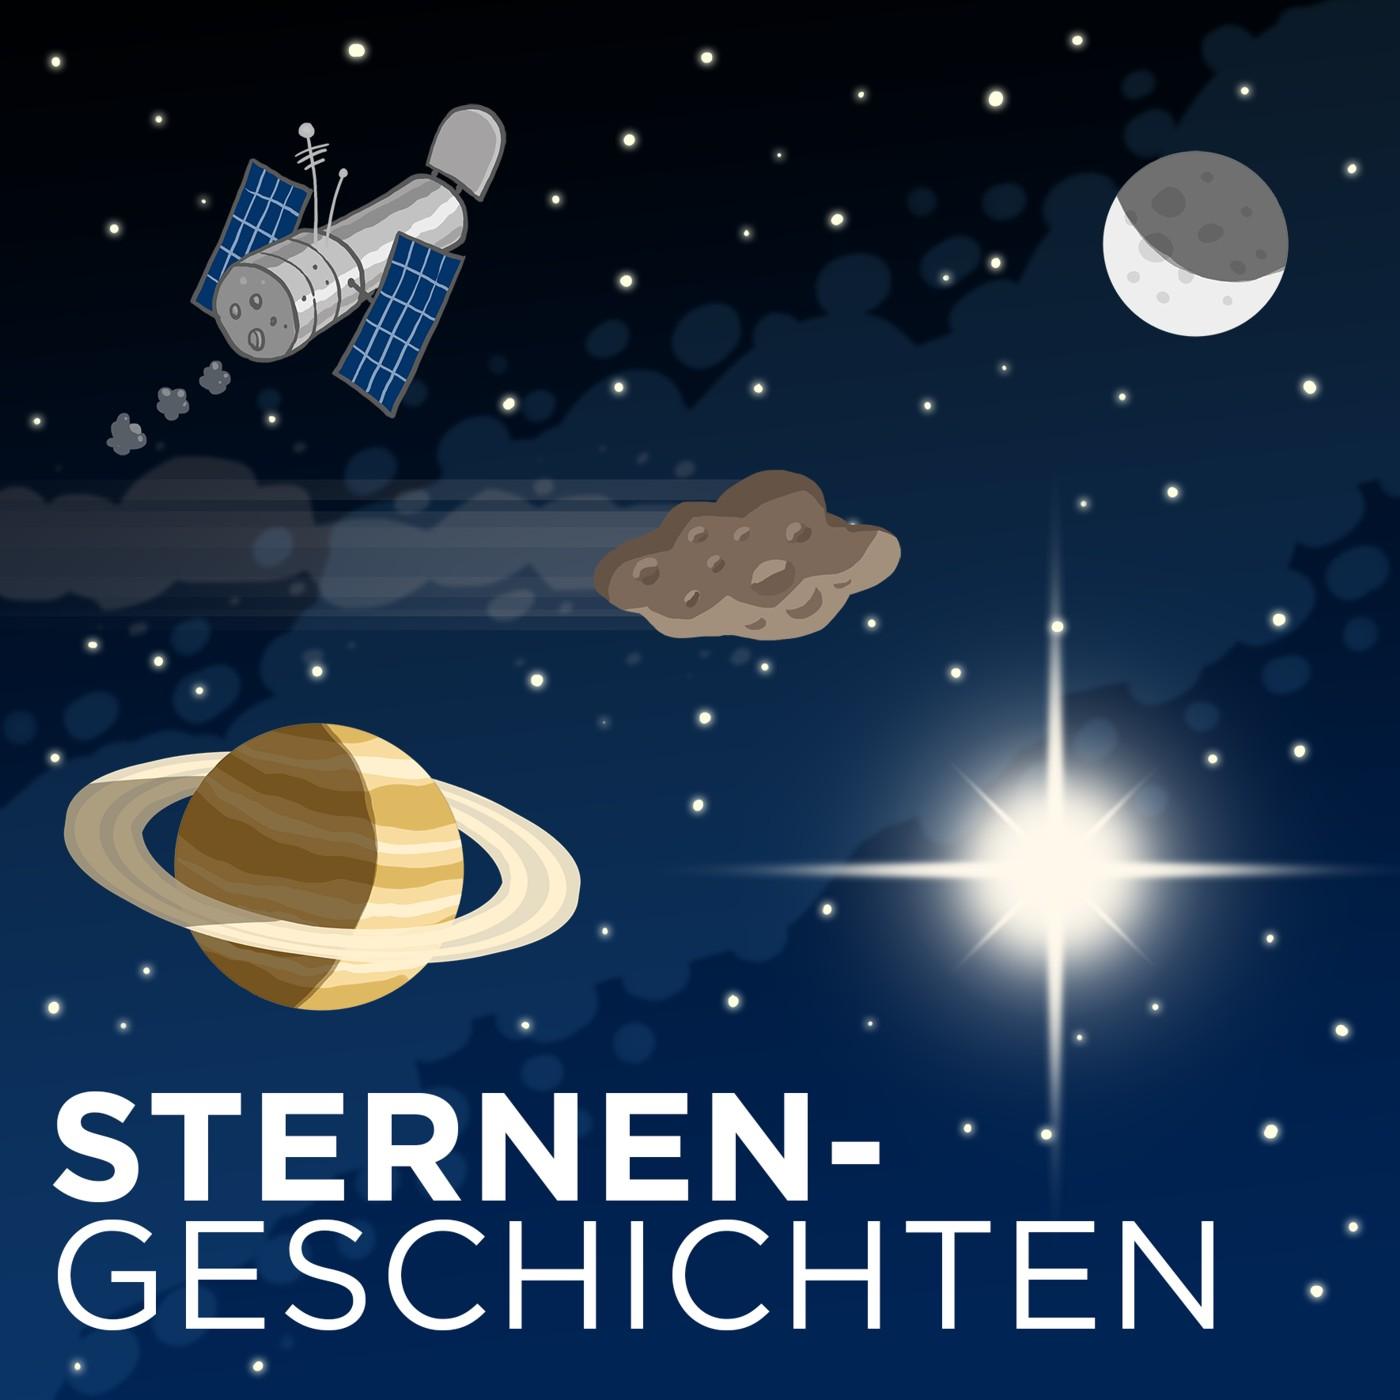 Sternengeschichten Folge 400: Die königlichen Astronomen